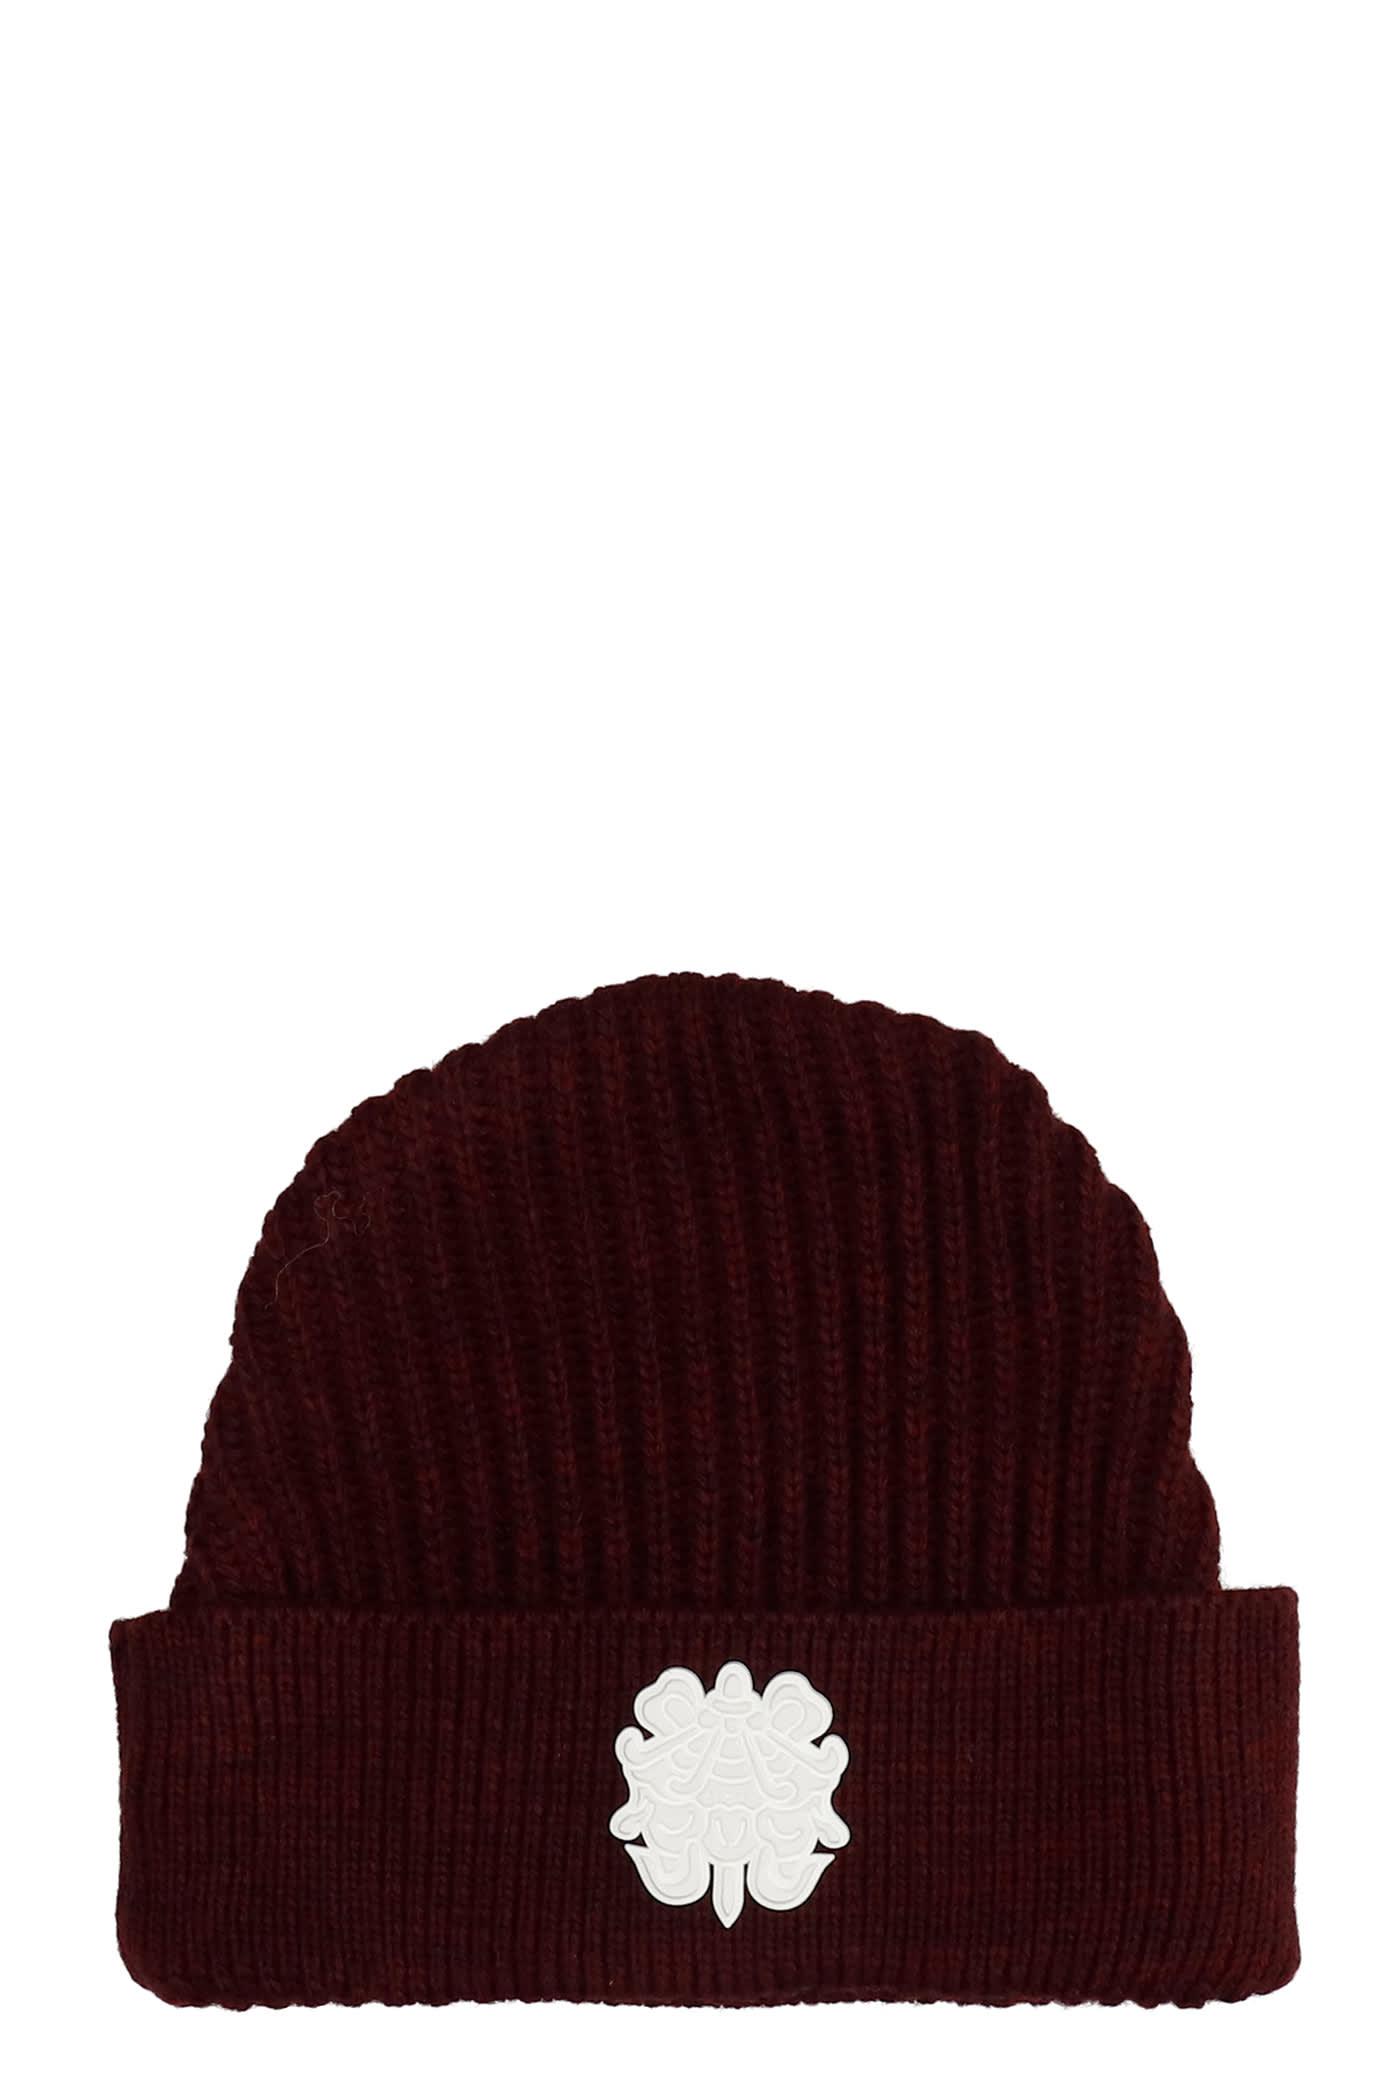 Hats In Bordeaux Wool